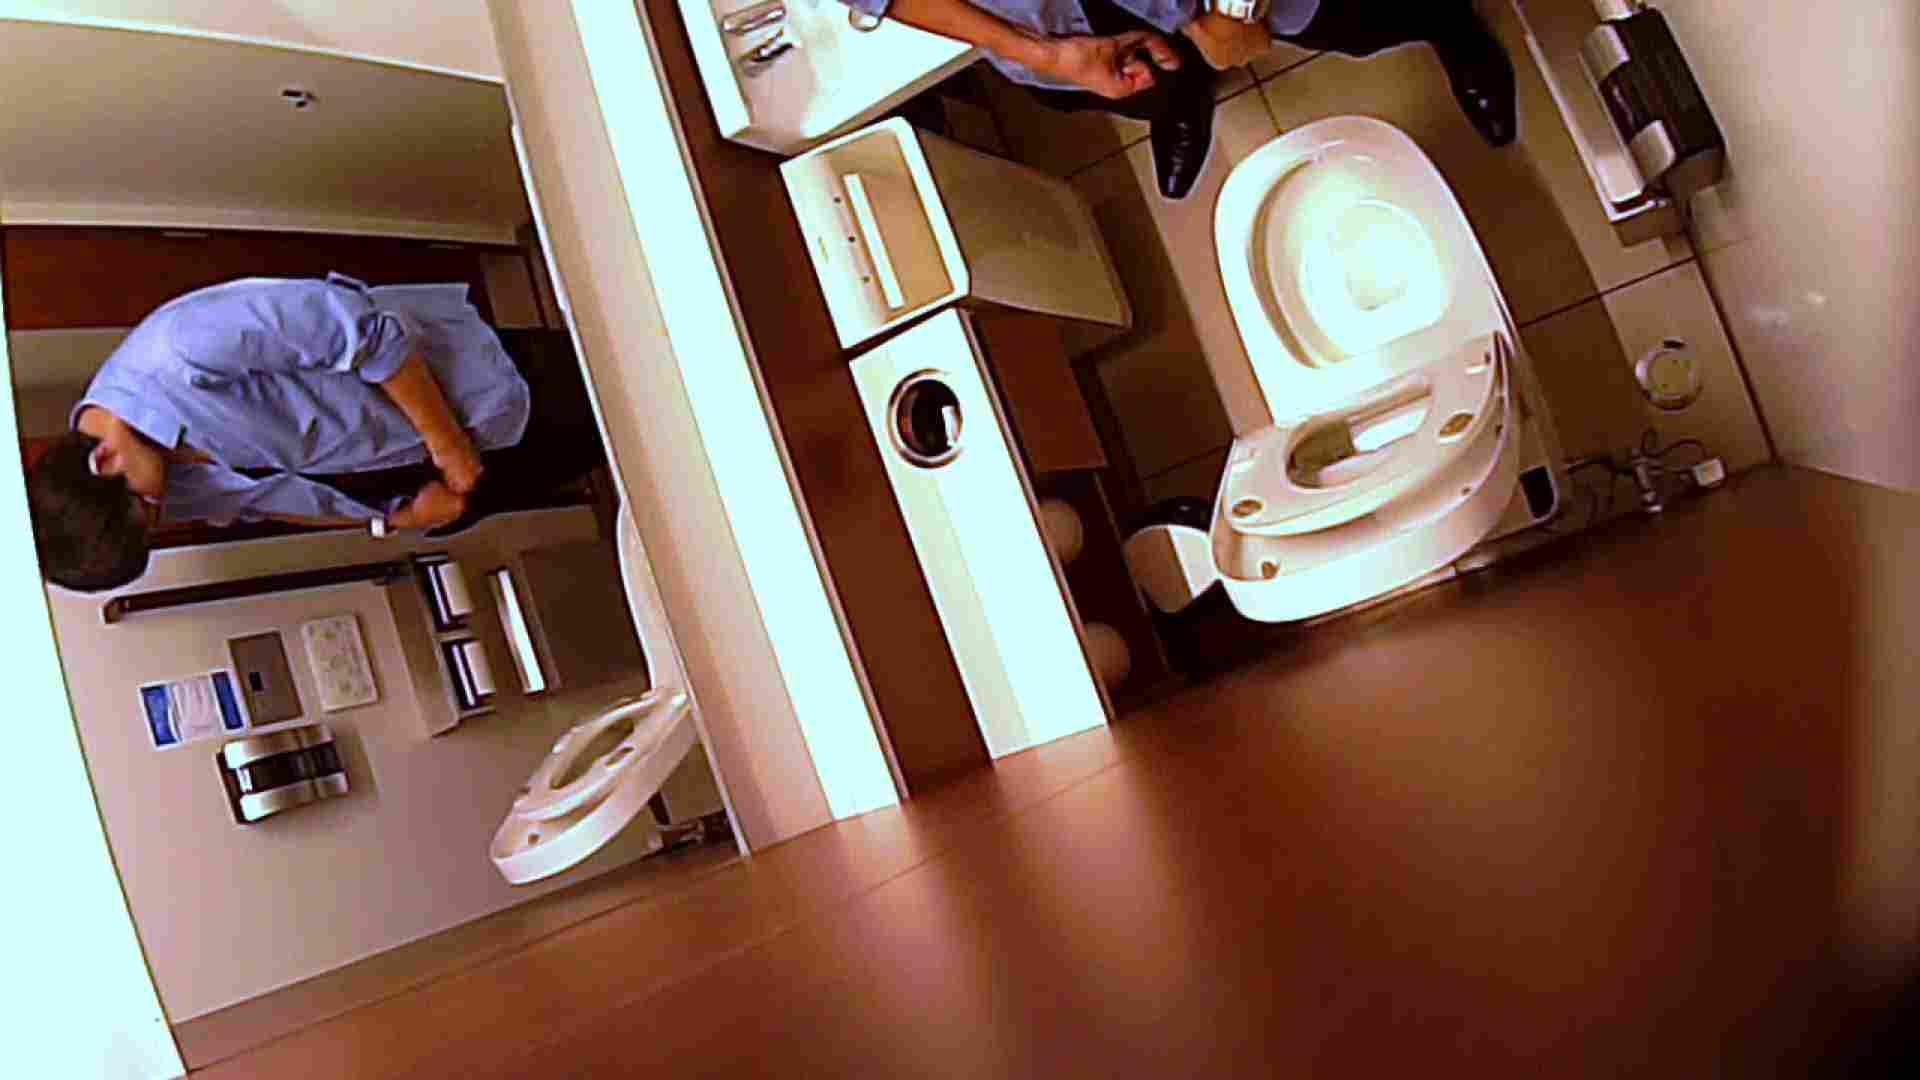 すみませんが覗かせてください Vol.31 トイレ | 0  94pic 46